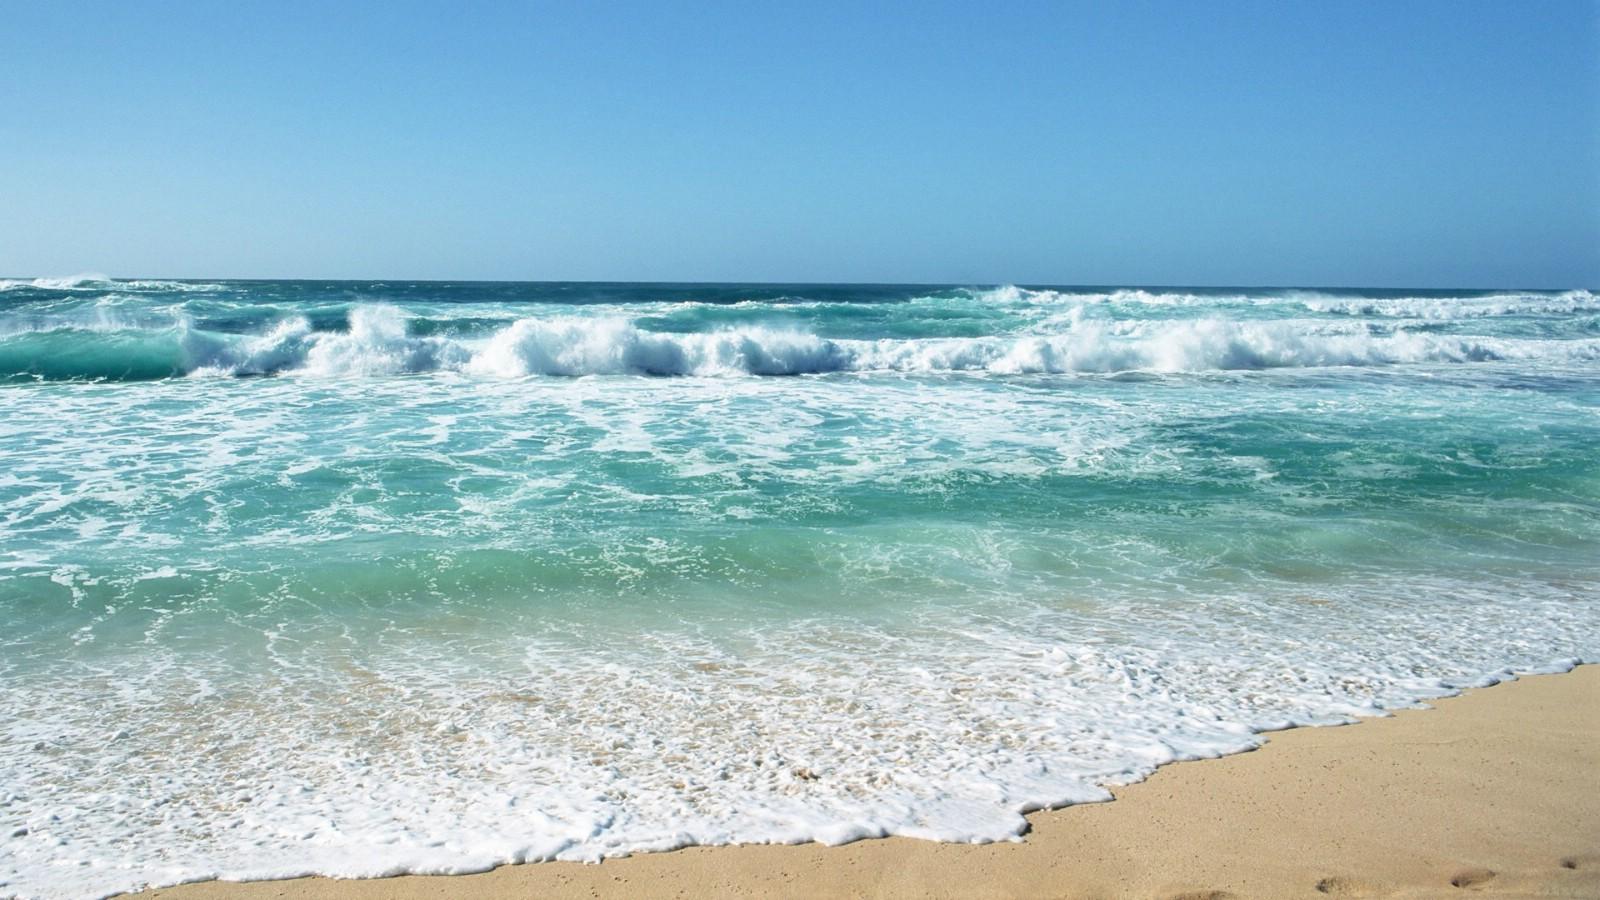 夏威夷海滩图片 清澈海水波浪壁纸,夏威夷浪漫海滩壁纸图片-风景壁纸